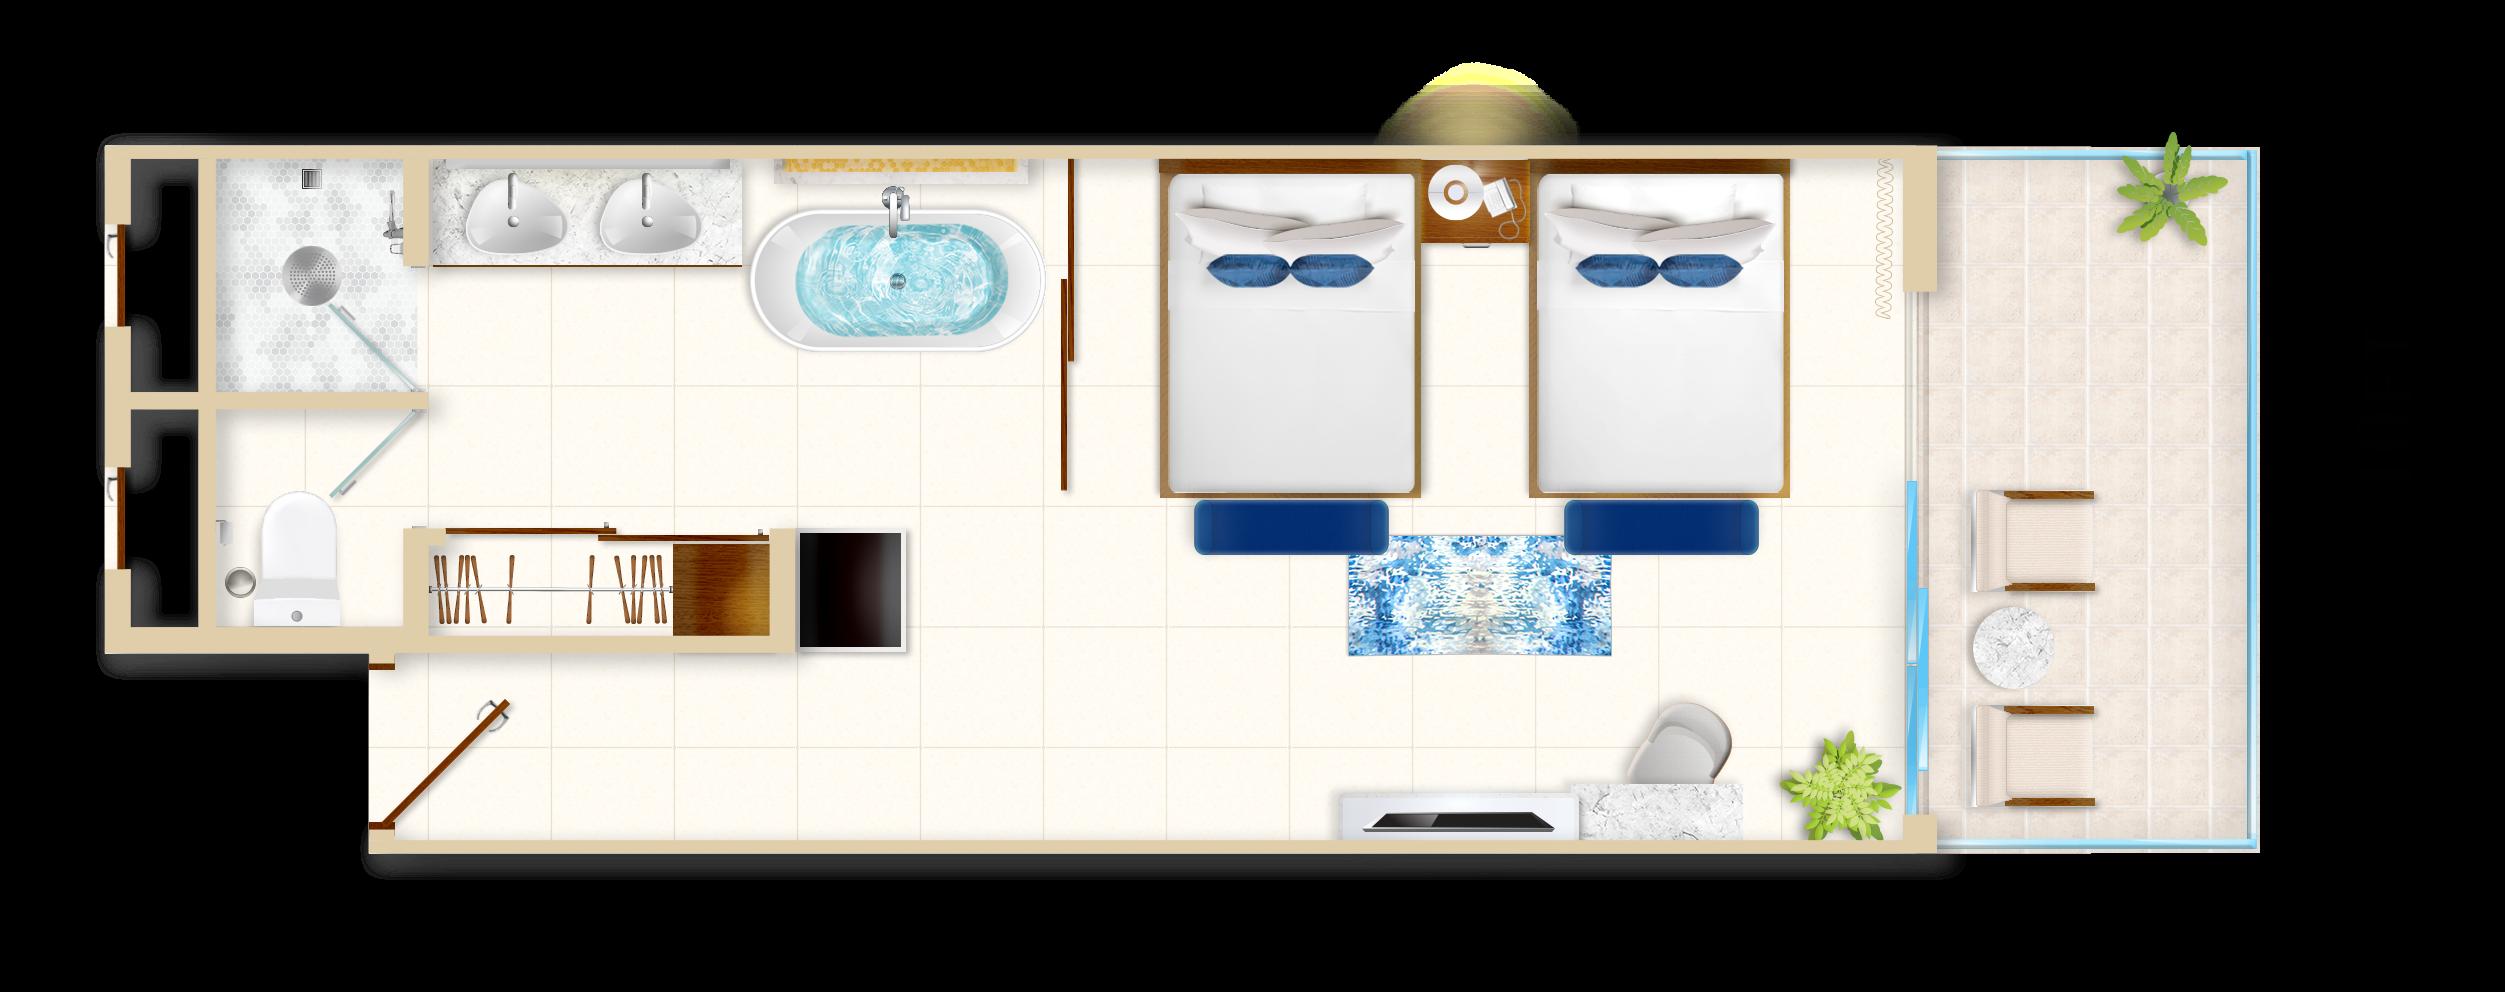 Deluxe Studio Pool View Floor Plan